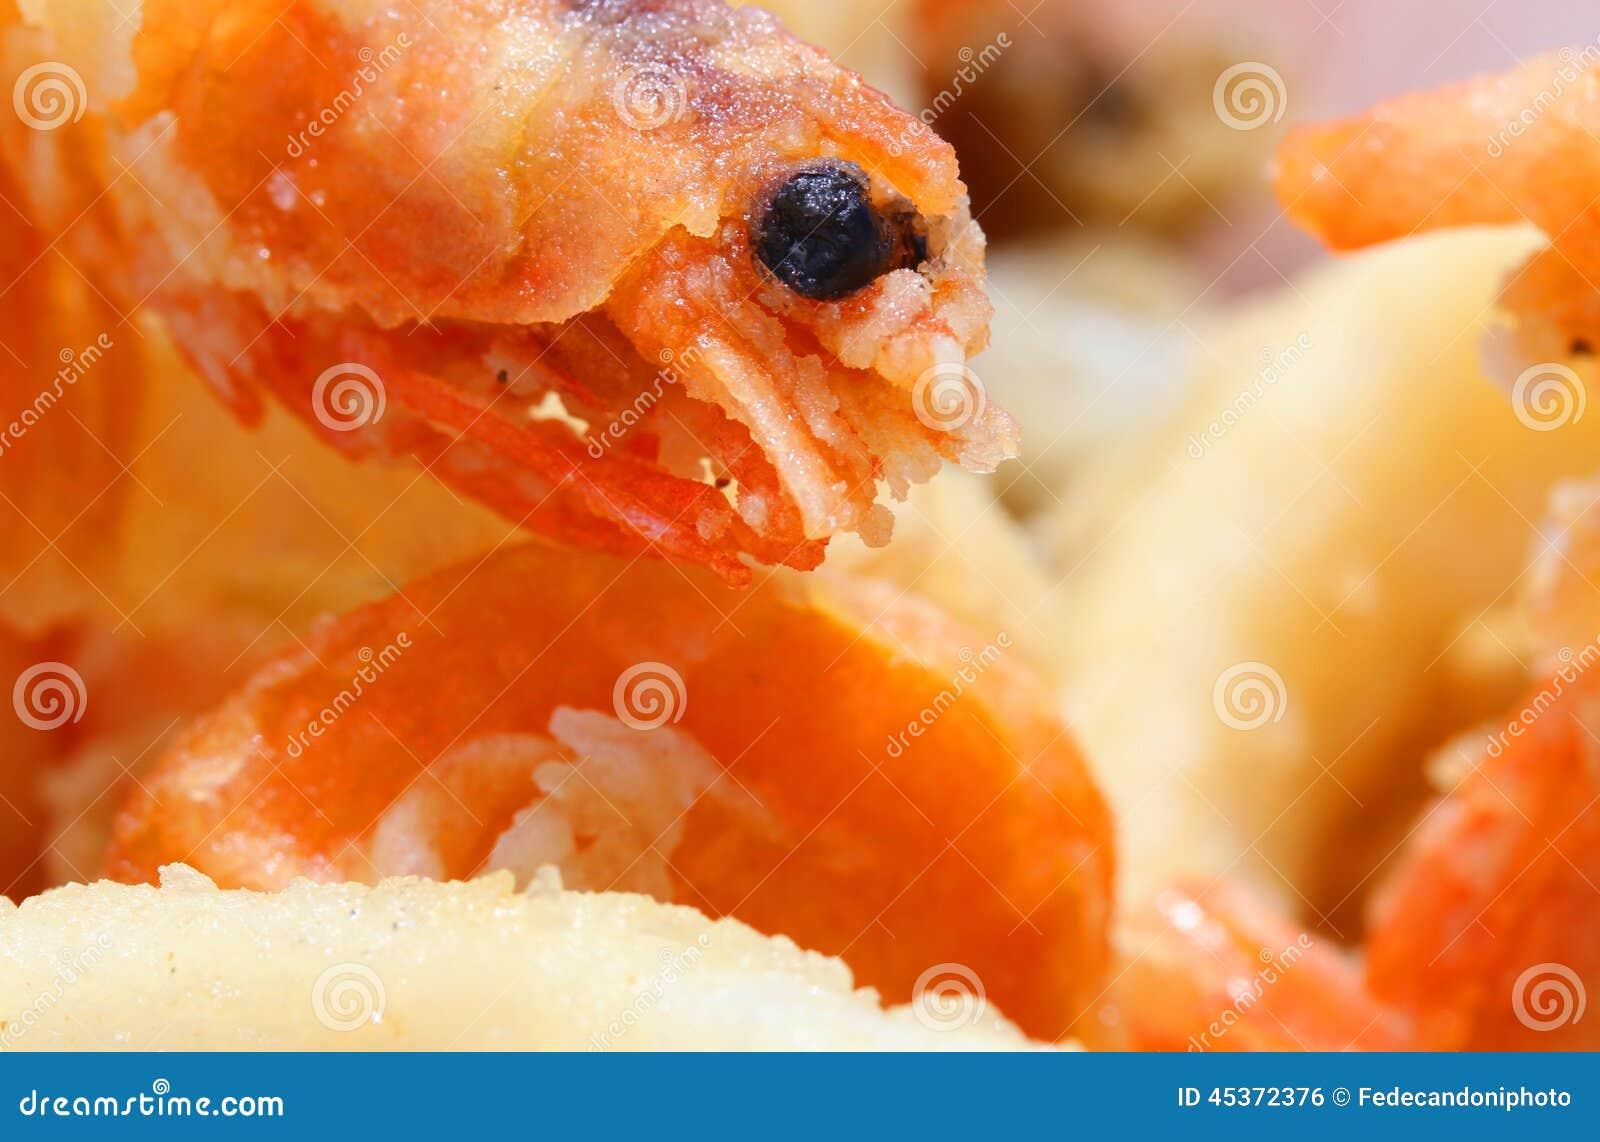 Camarão fritado com lente macro e outros peixes fritados